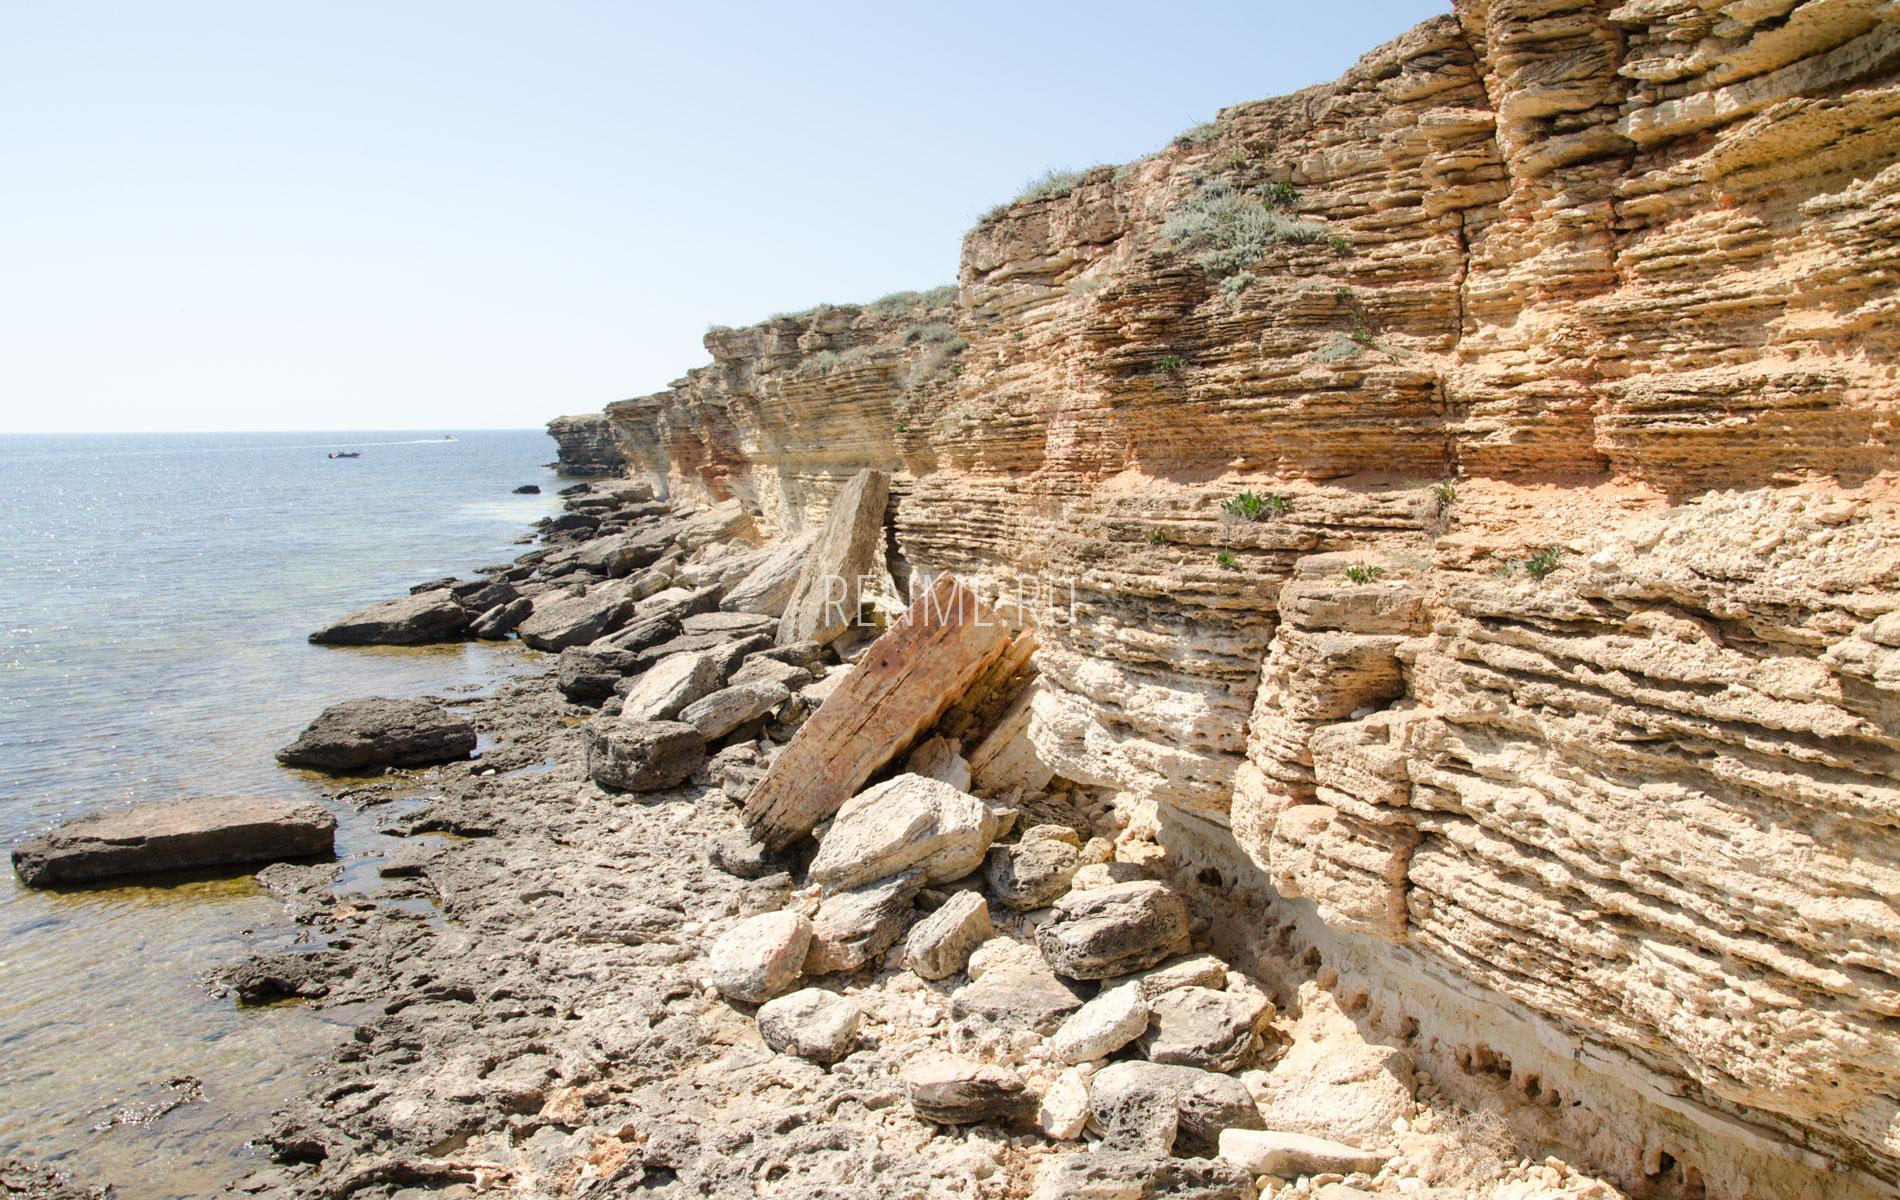 Обрывистый берег Тарханкута. Фото Оленевки